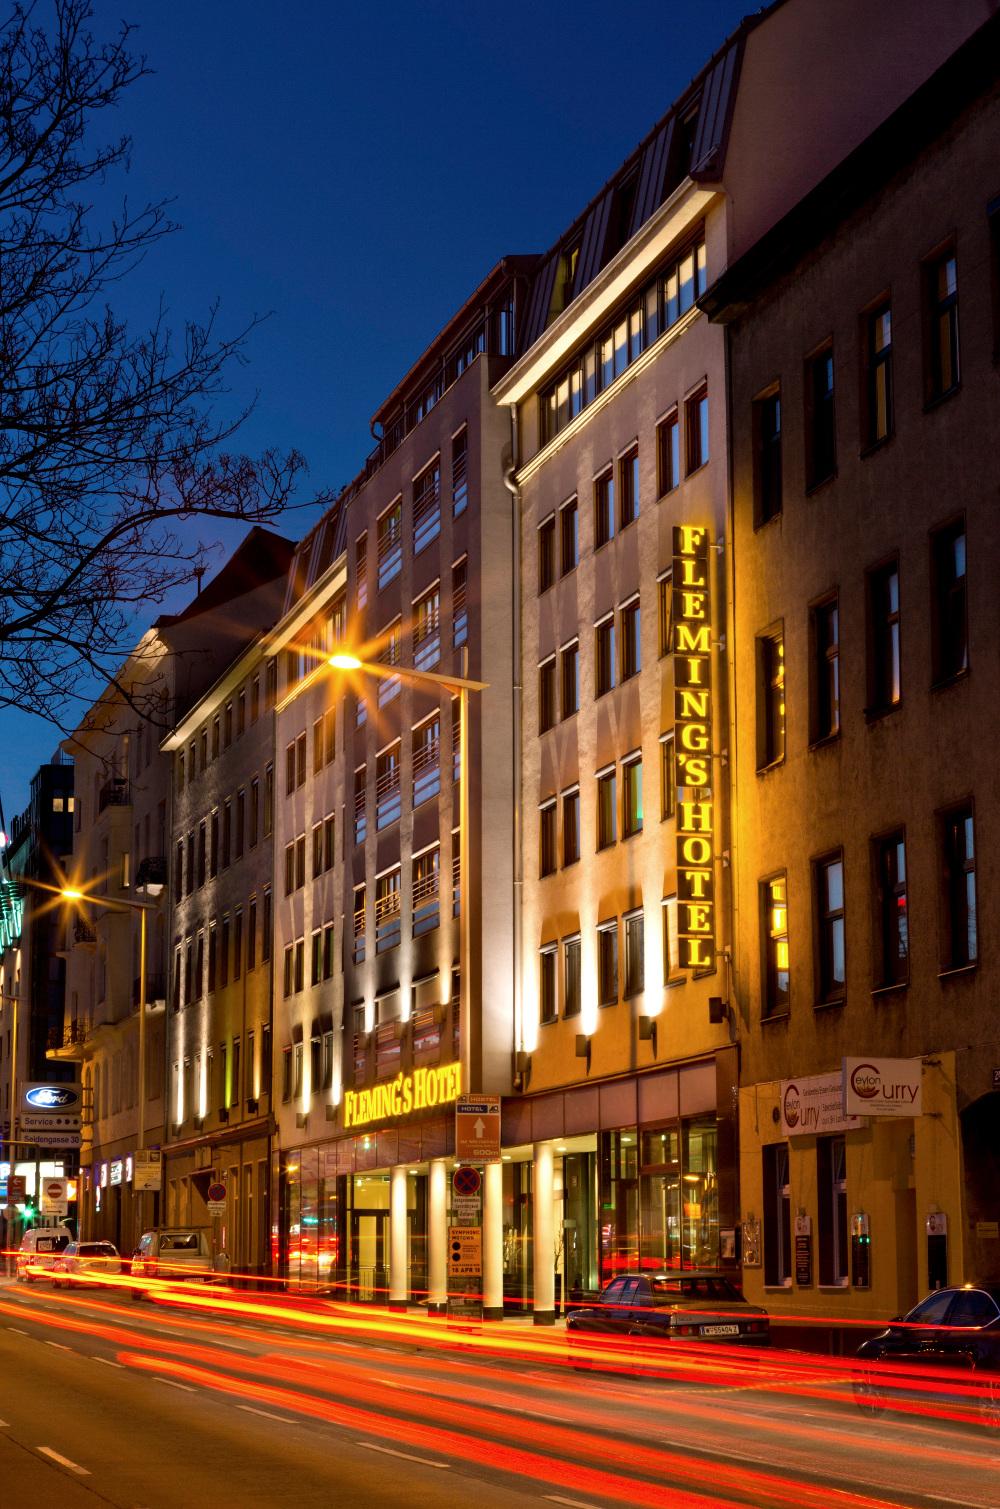 Femings Conference Außenansicht (c) Elan Fleisher - elanhotelpix.com